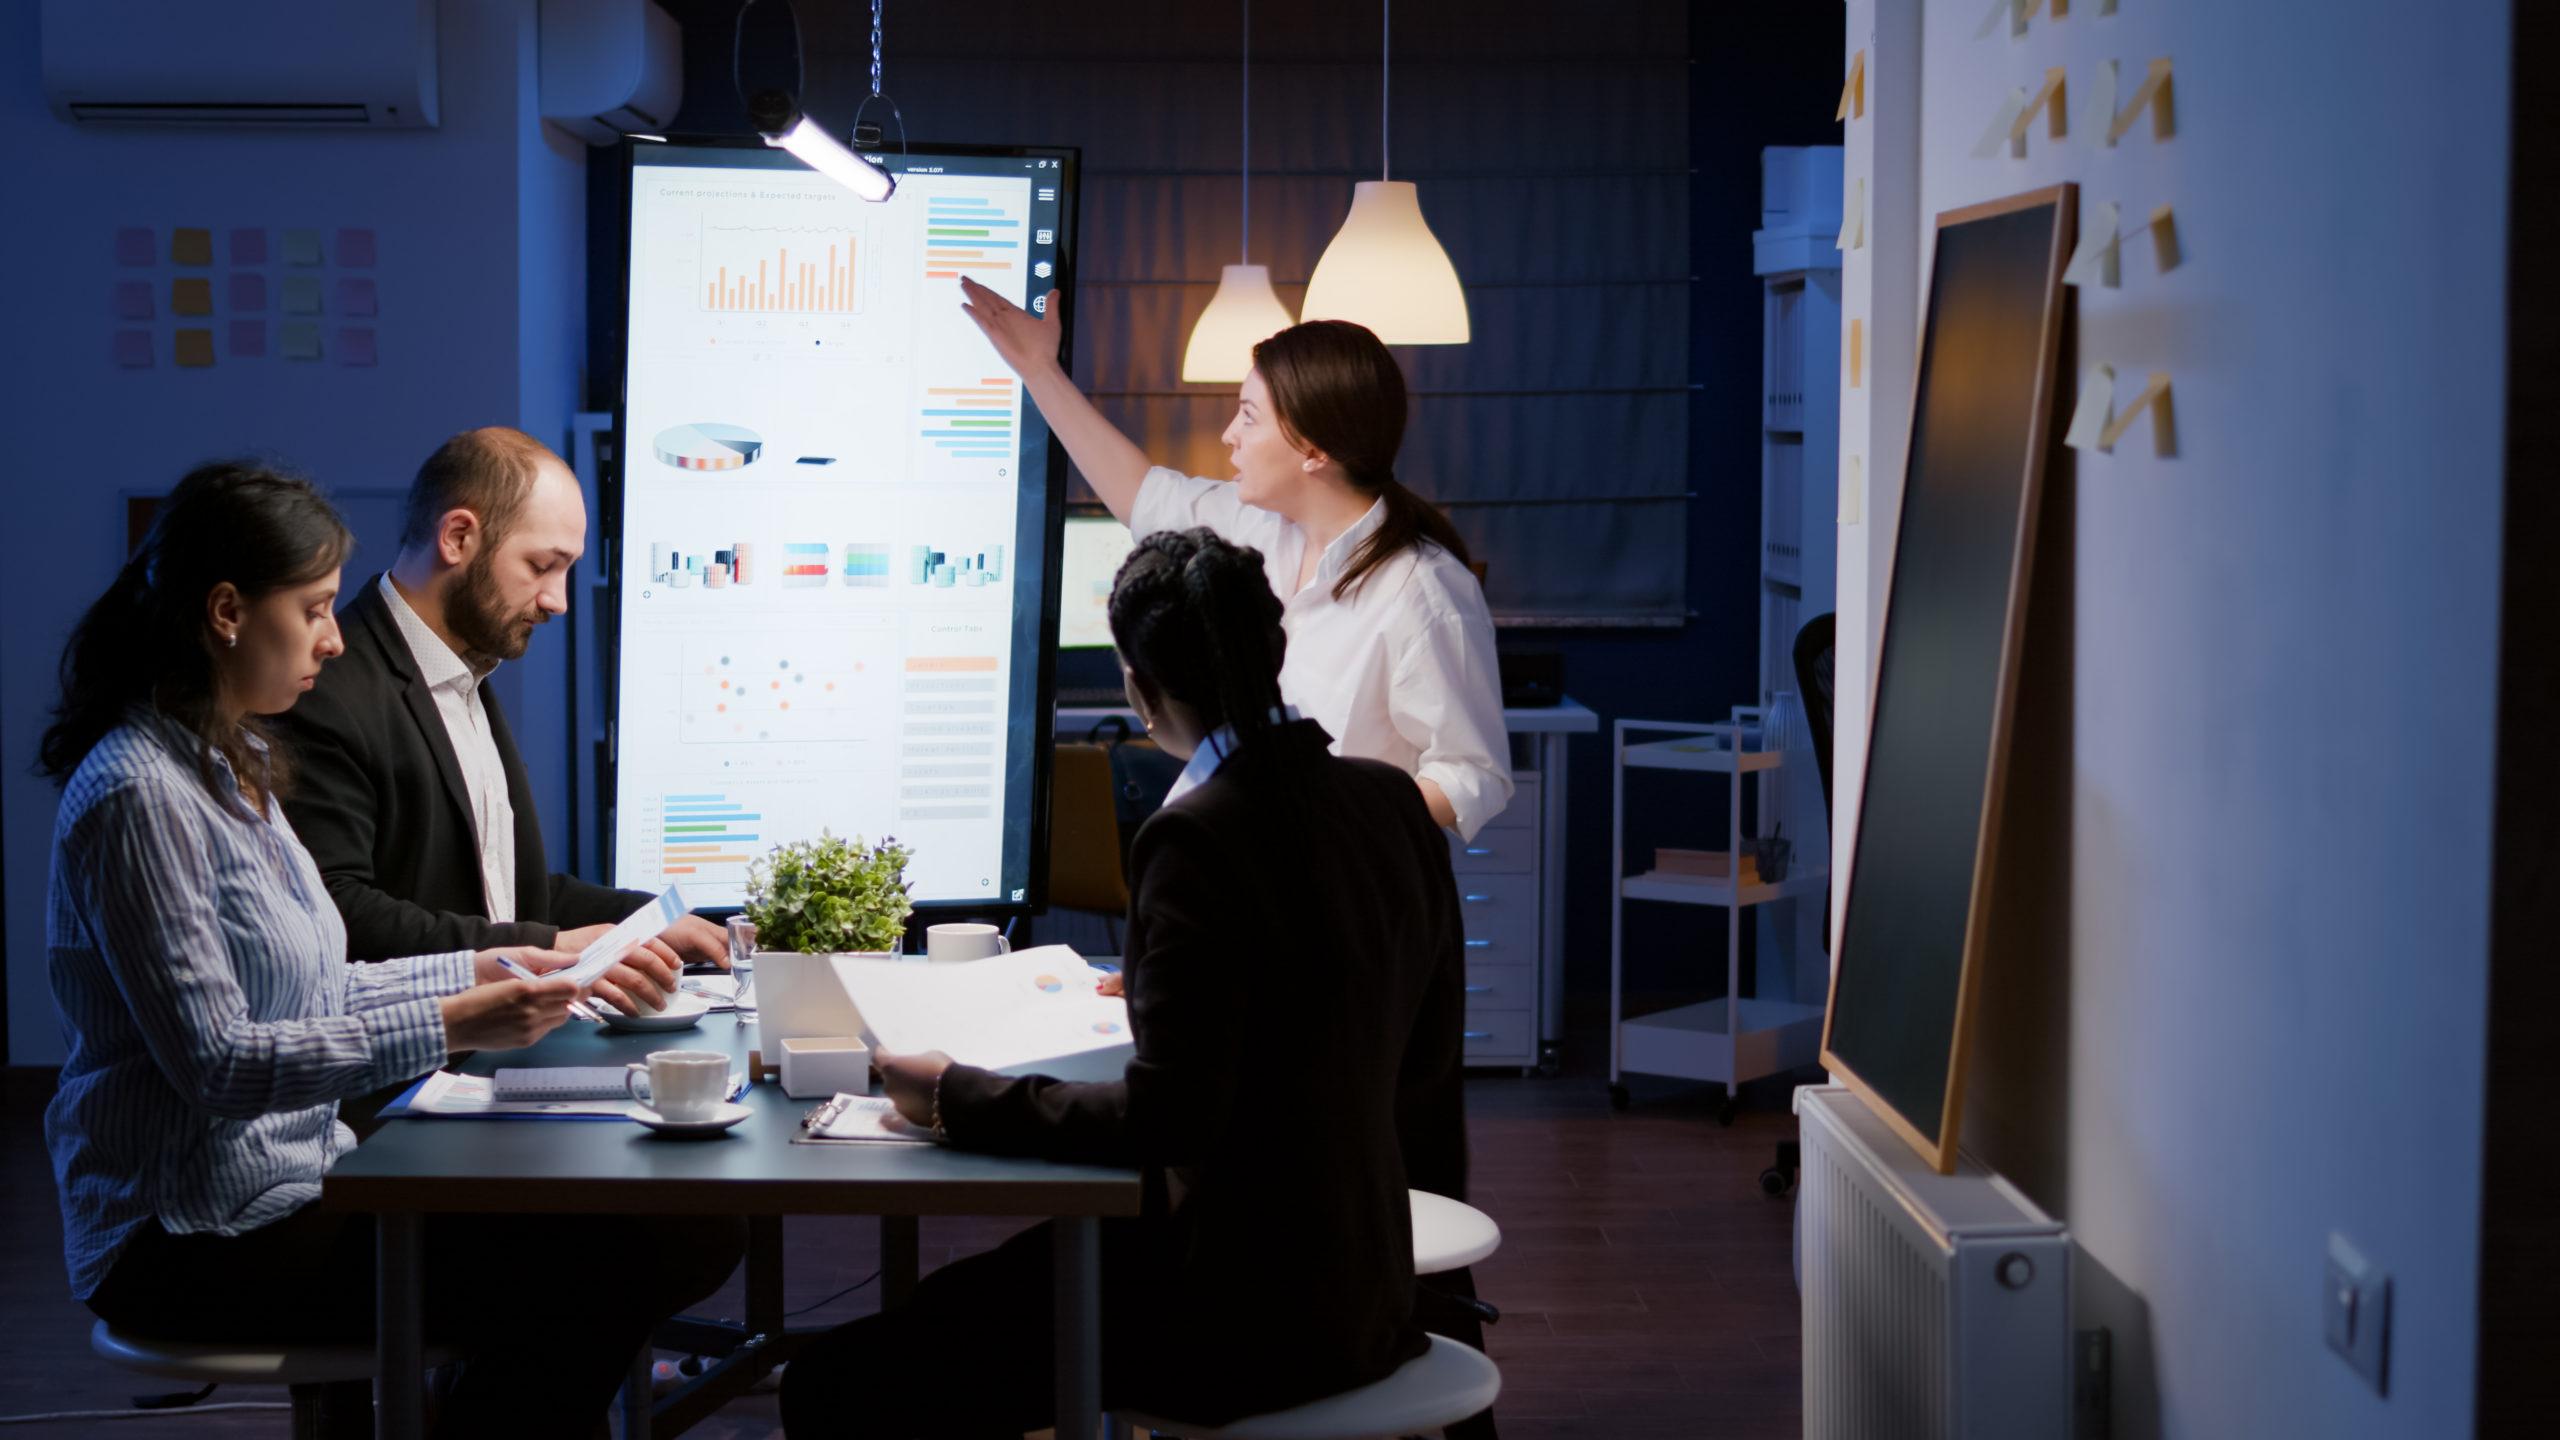 Mở rộng kinh doanh - Những bí quyết tạo nên thành công